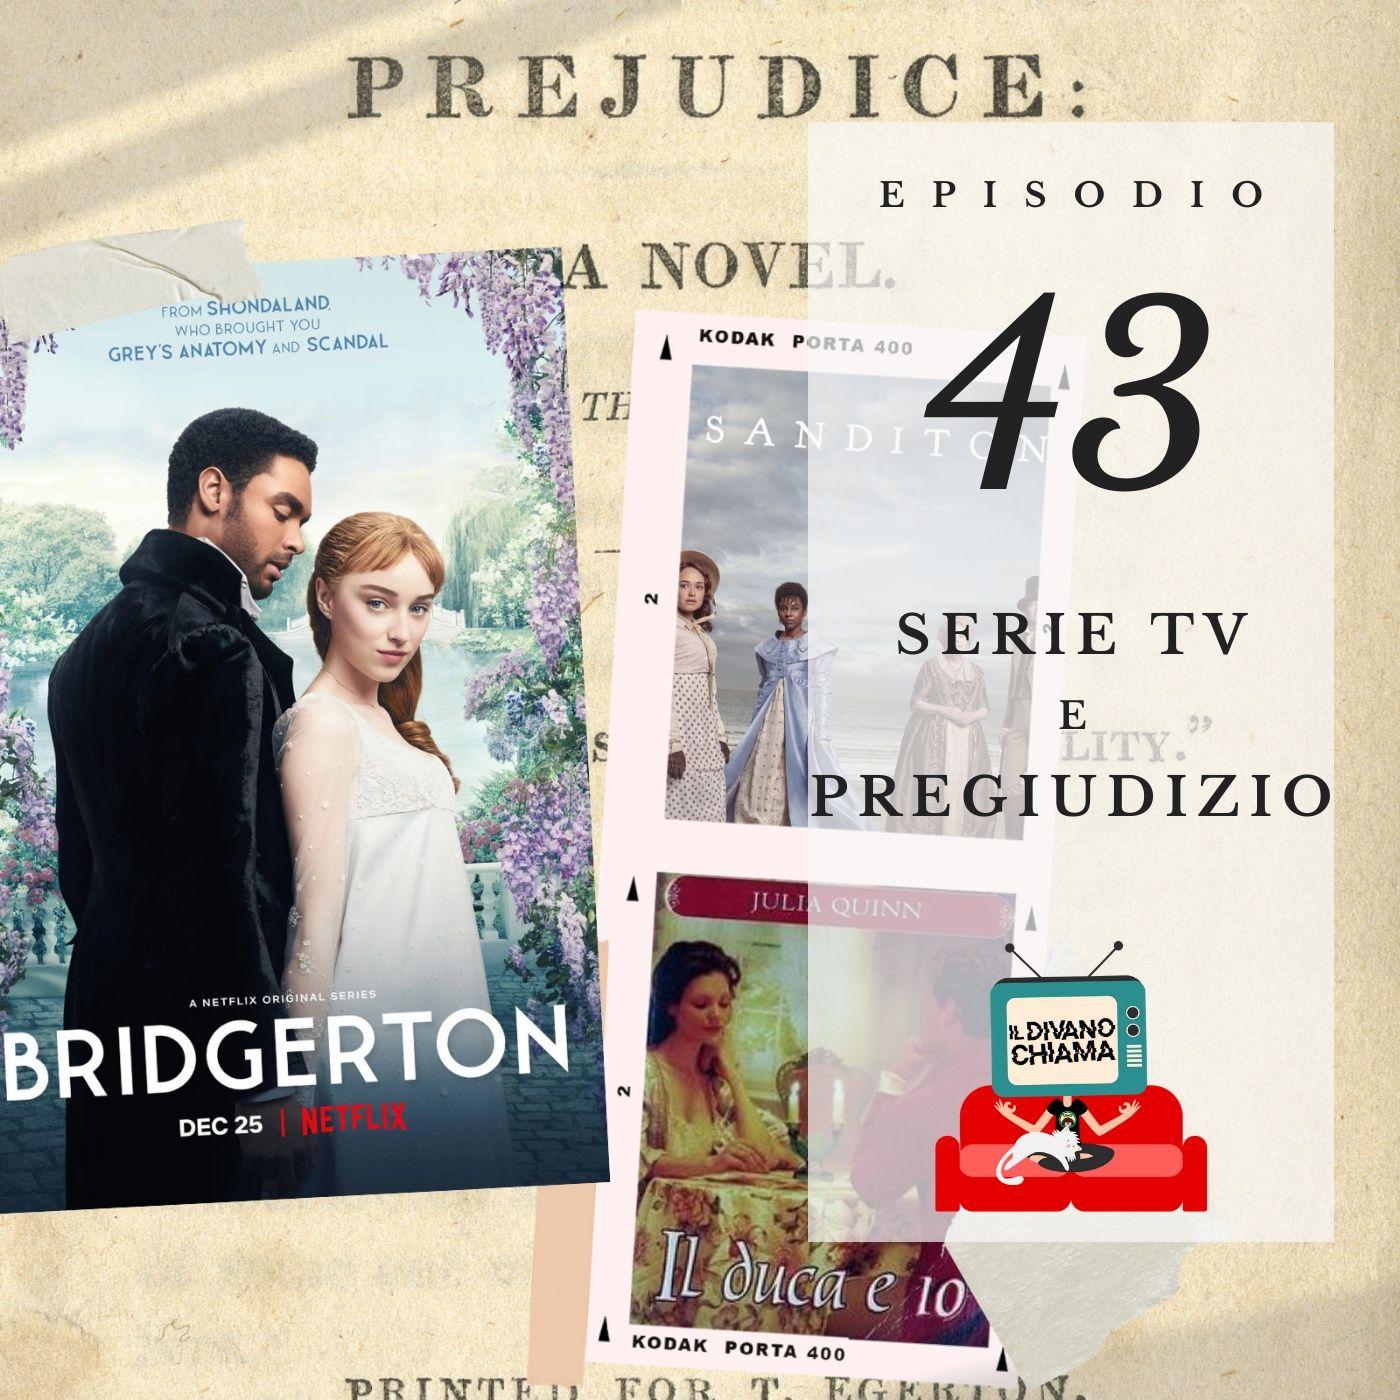 Puntata 43 - Serie TV e Pregiudizio